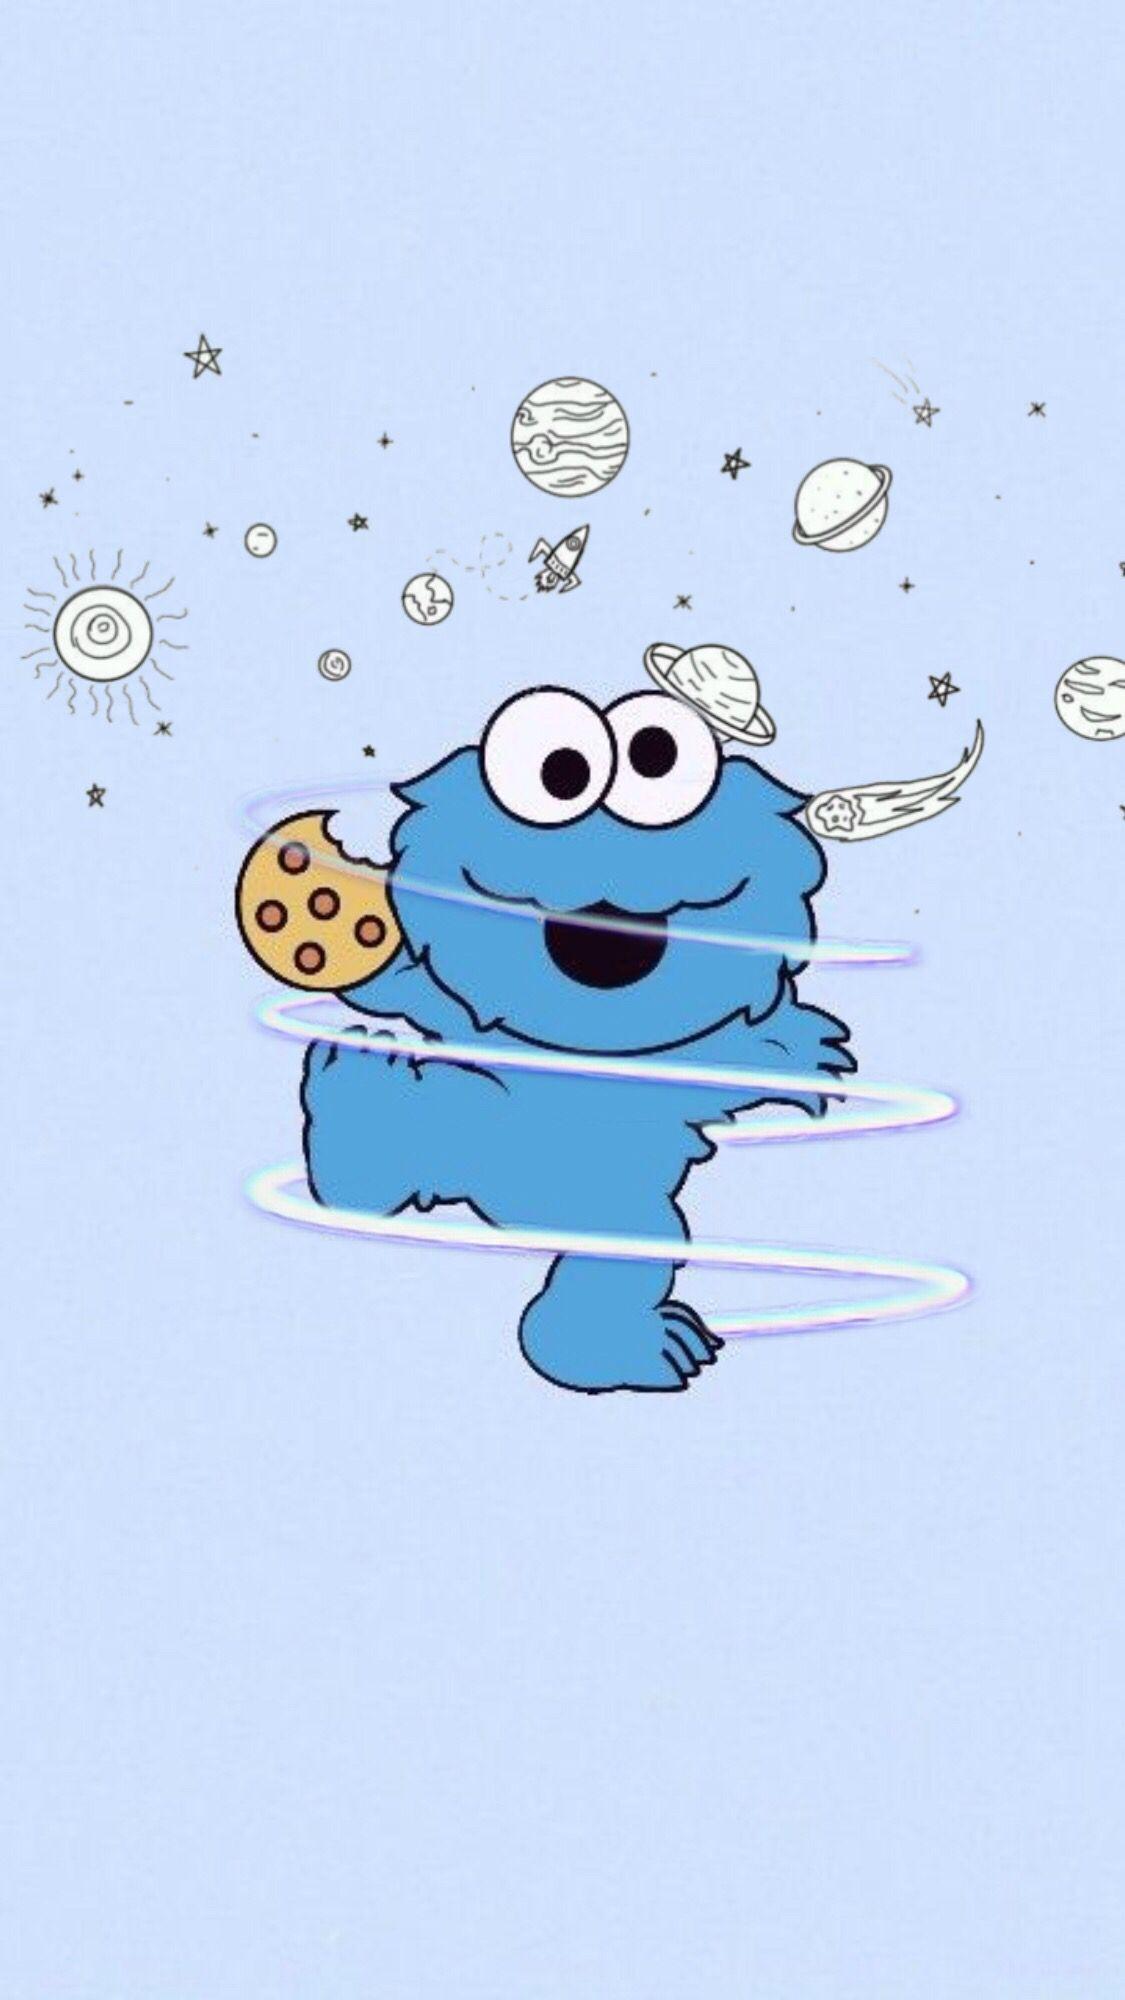 Cookie Monster Wallpaper Iphone Cute Elmo Wallpaper Cartoon Wallpaper Iphone